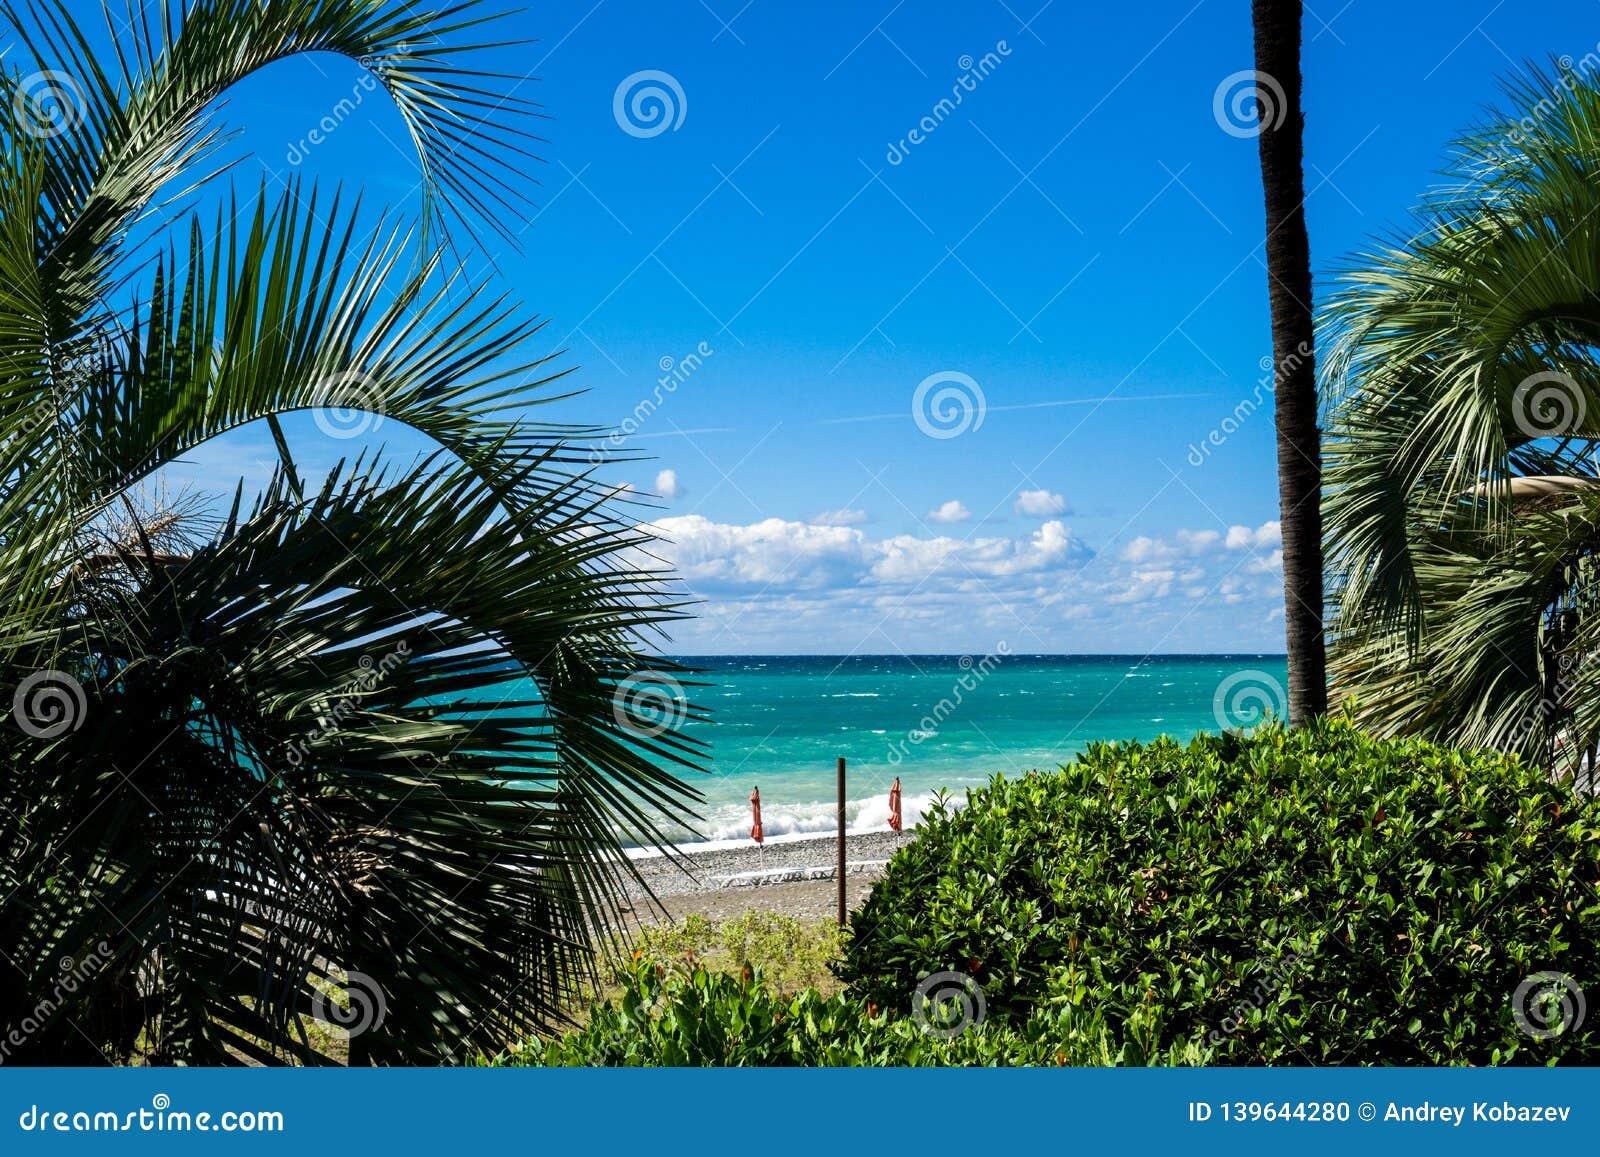 E Vistas do mar azul claro